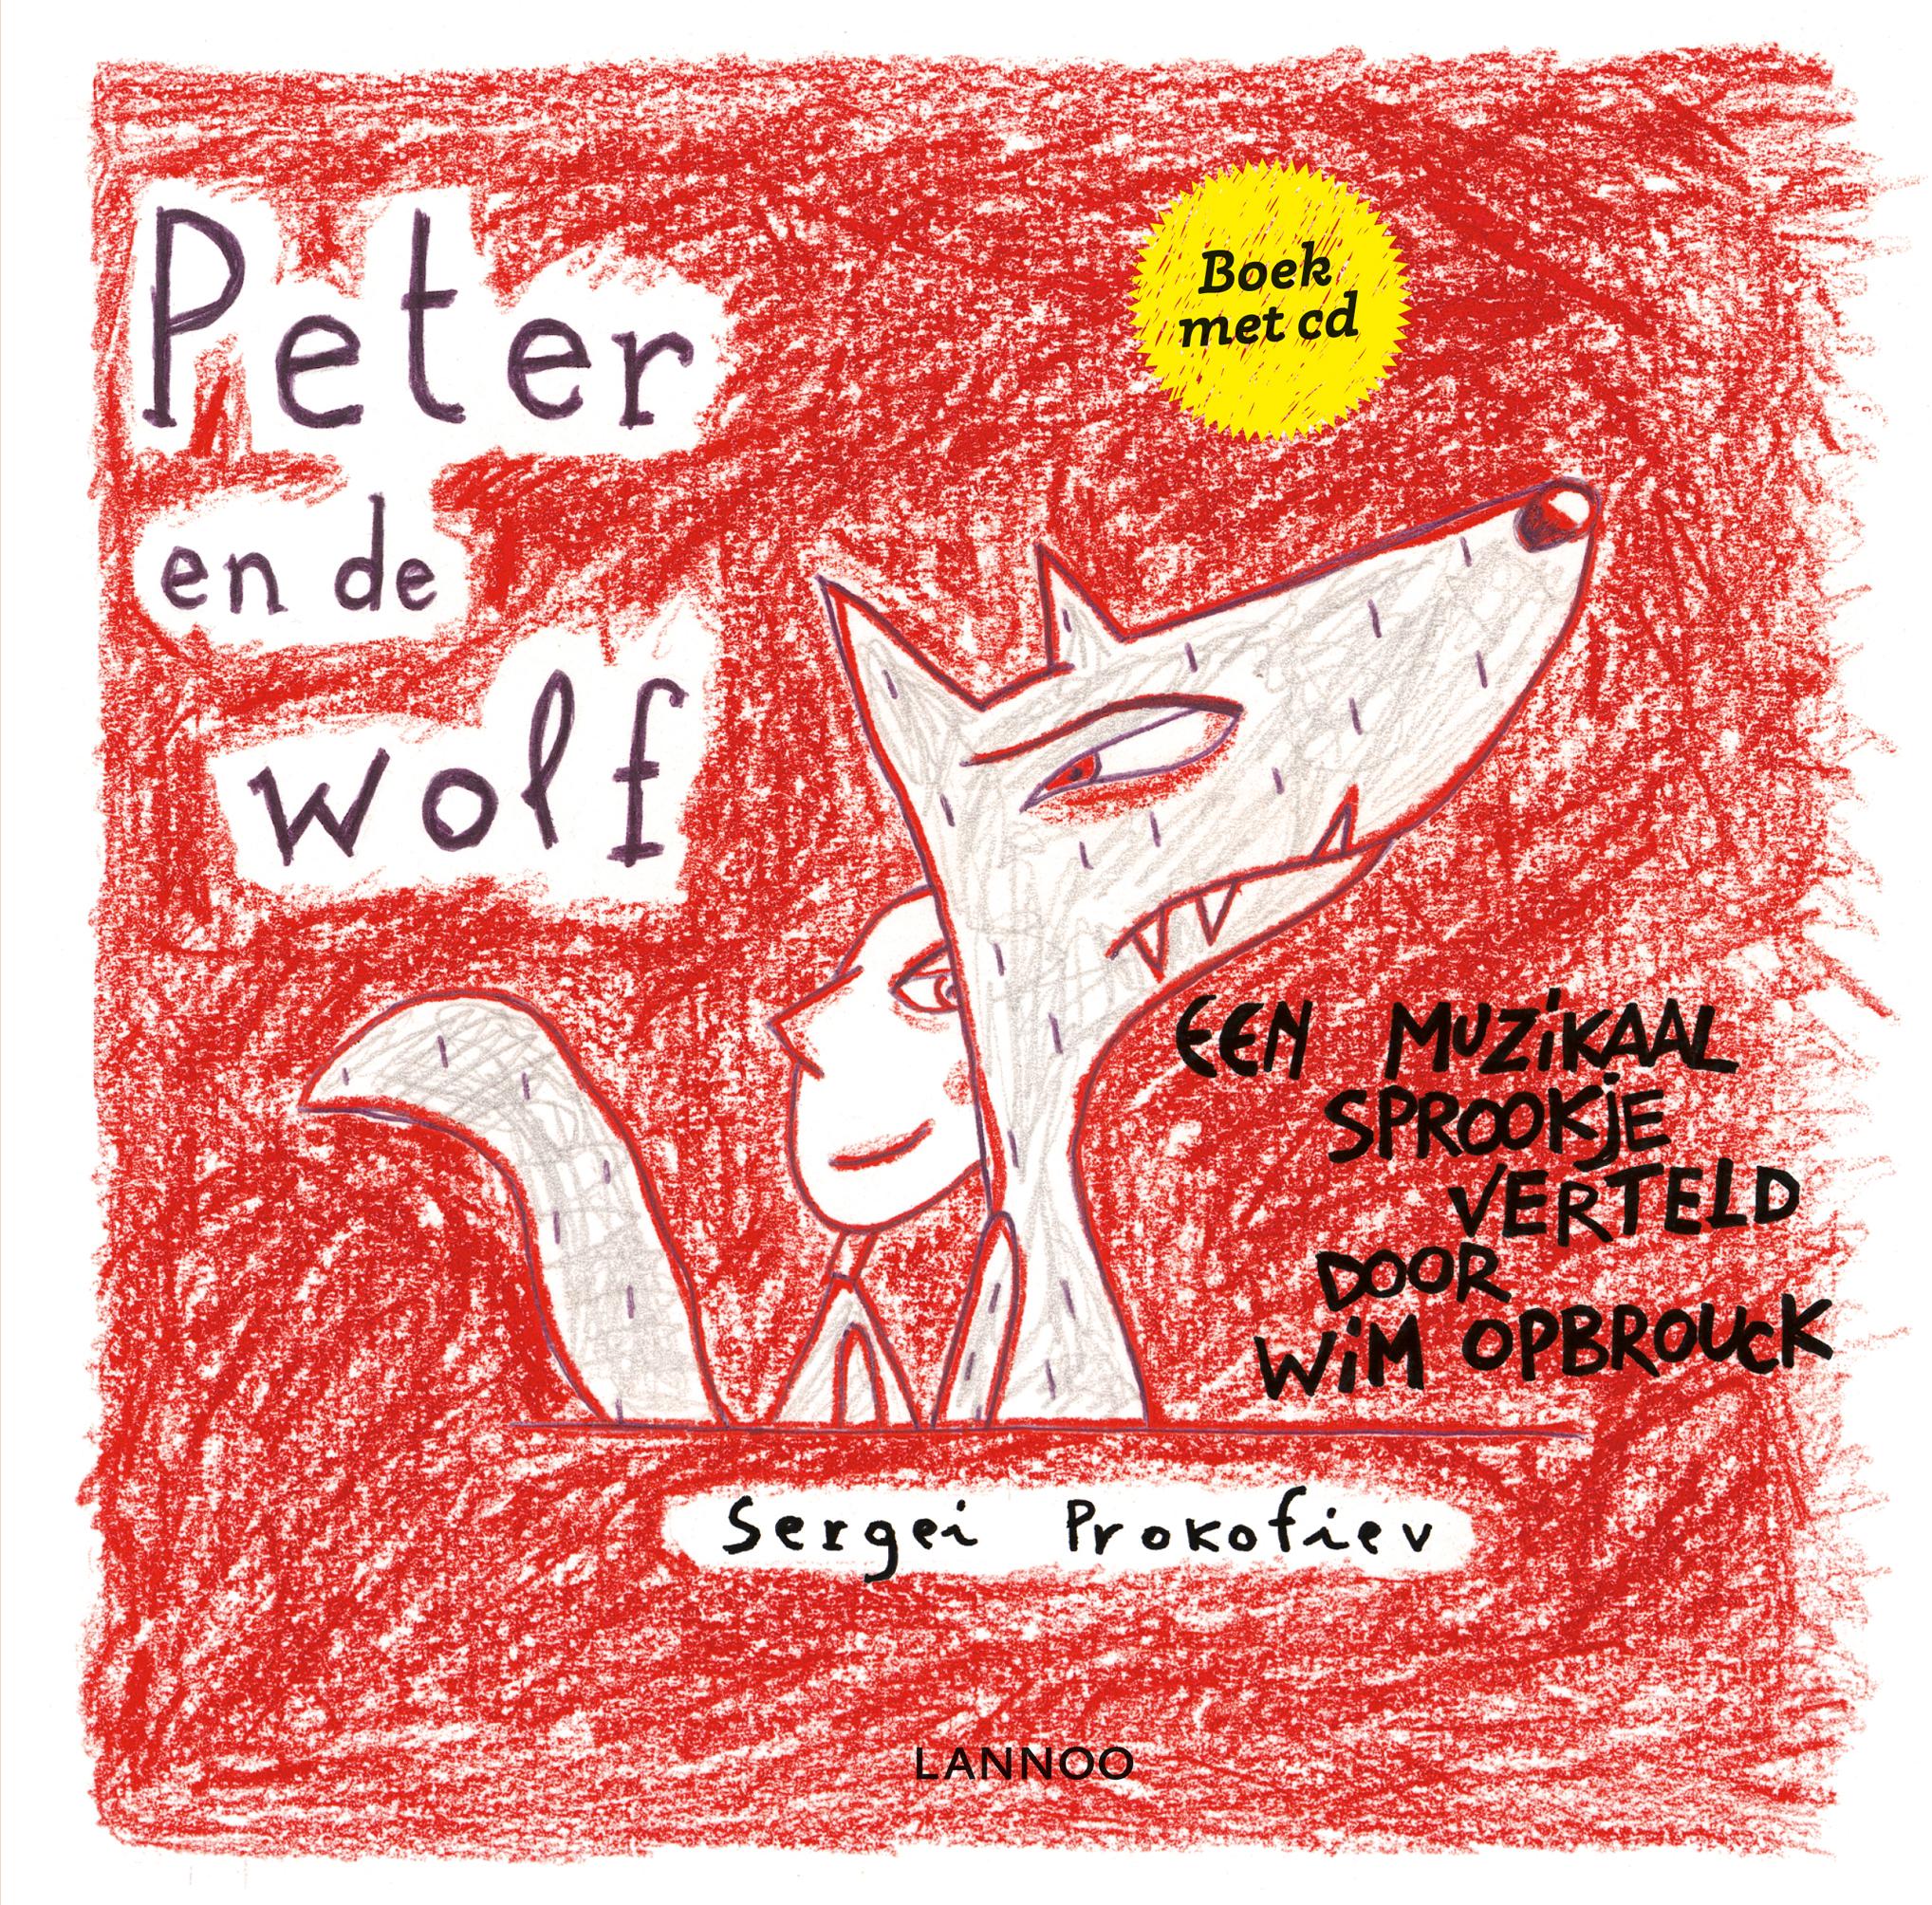 Afbeeldingsresultaten voor GROOTOUDERFEEST PETER EN DE WOLF